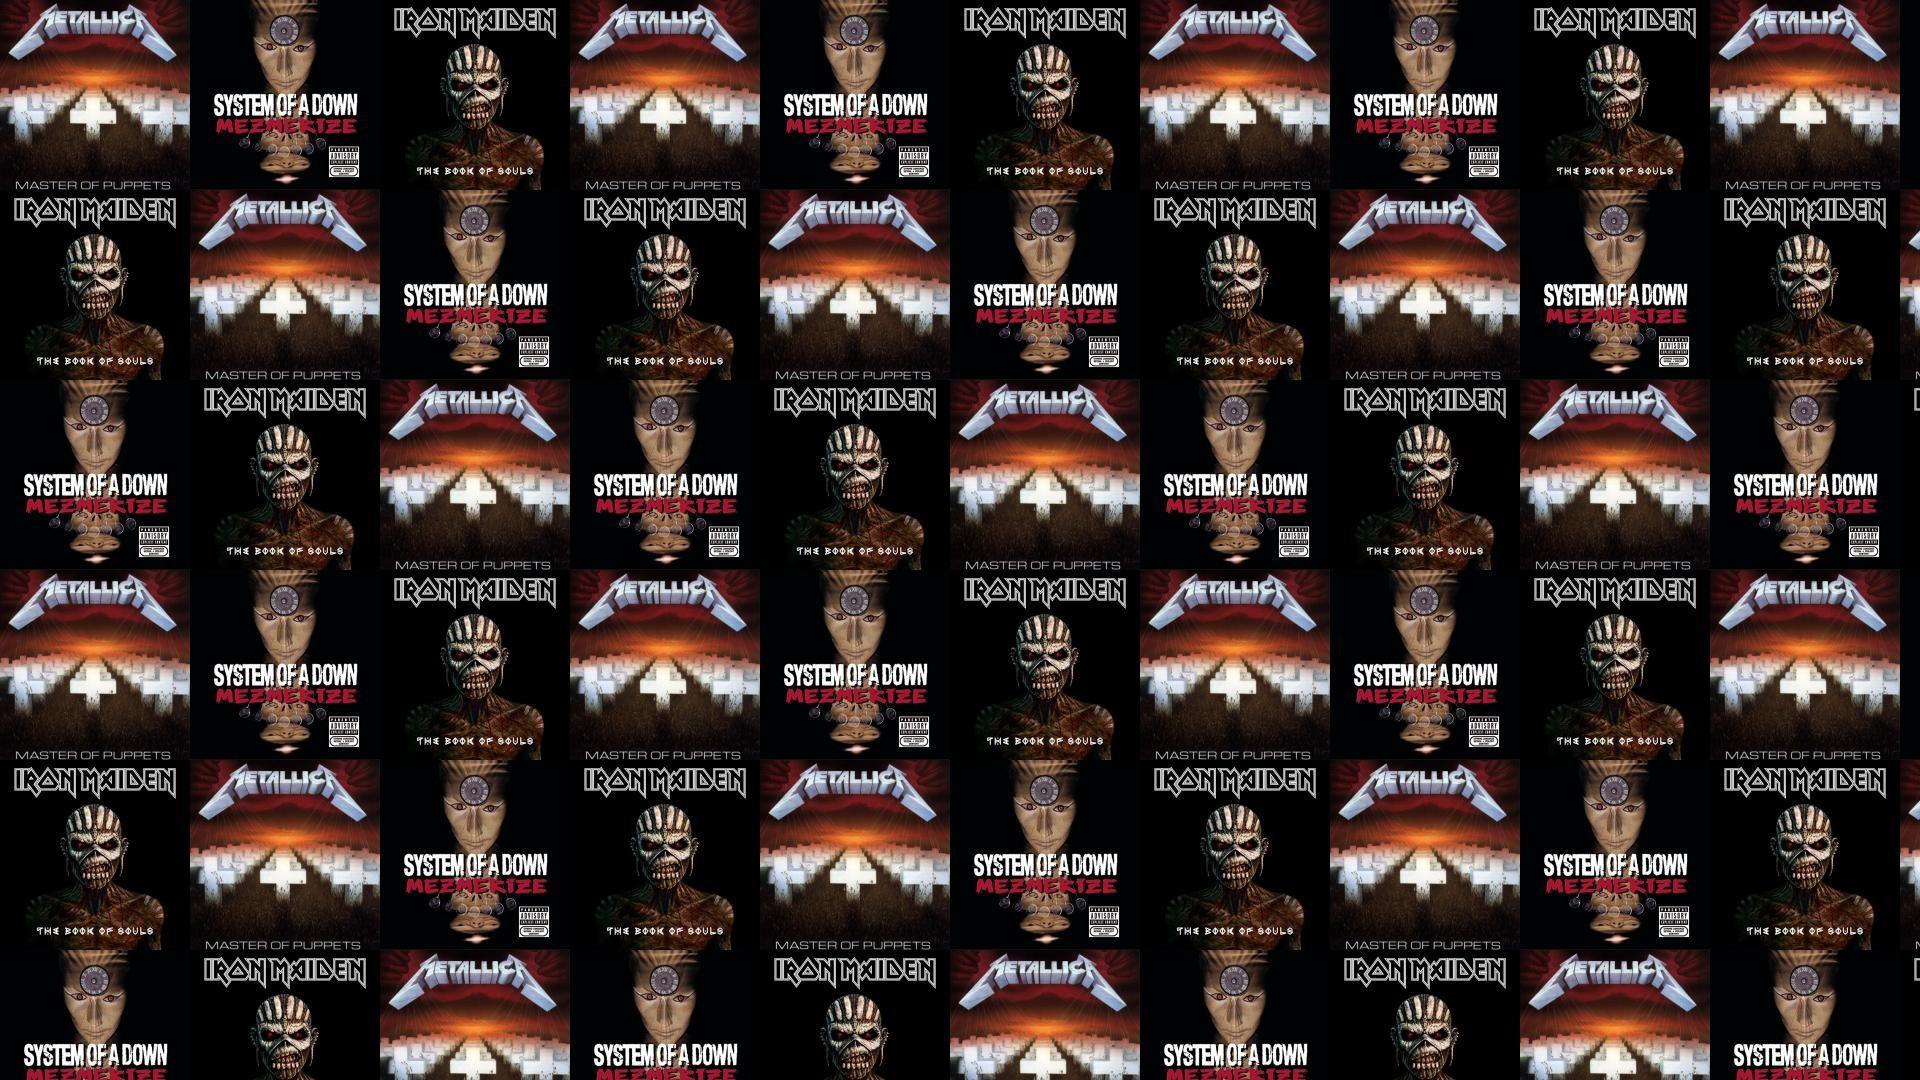 Metallica Master Puppets System Down Mezmerize Iron Maiden Wallpaper Â«  Tiled Desktop Wallpaper